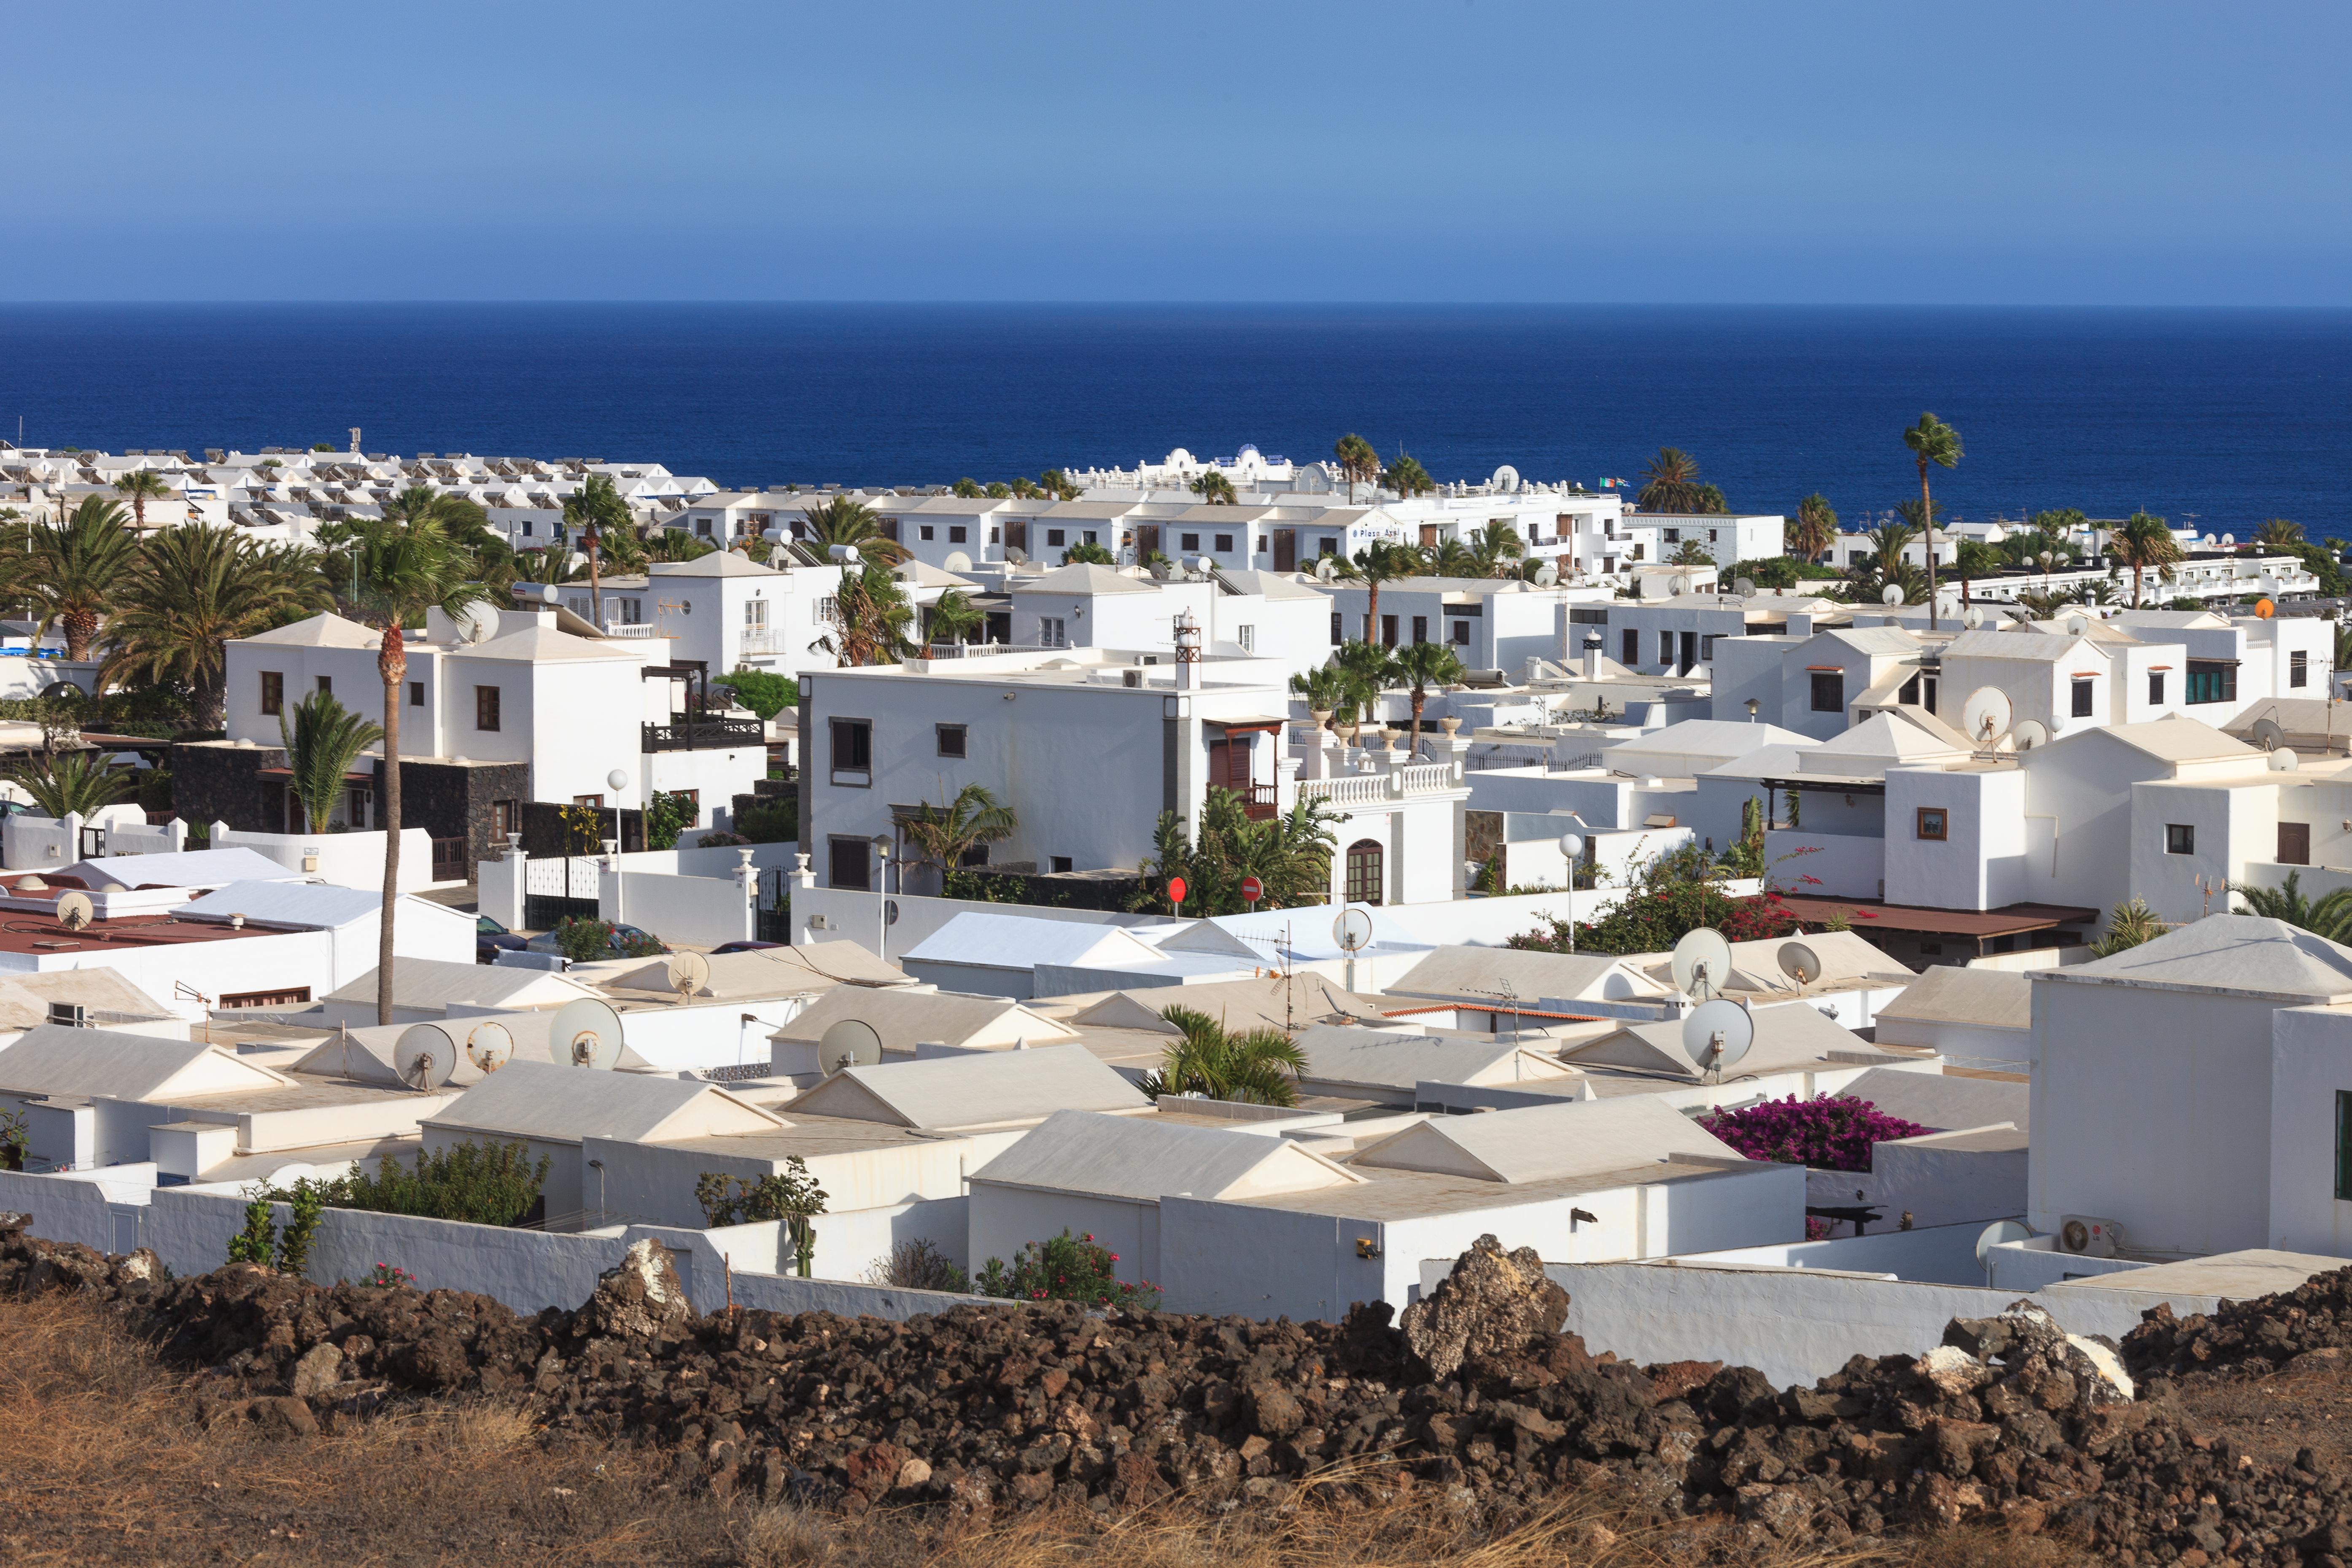 Puerto del carmen hotels auf lanzarote bei thomas cook - Hotels in puerto del carmen ...